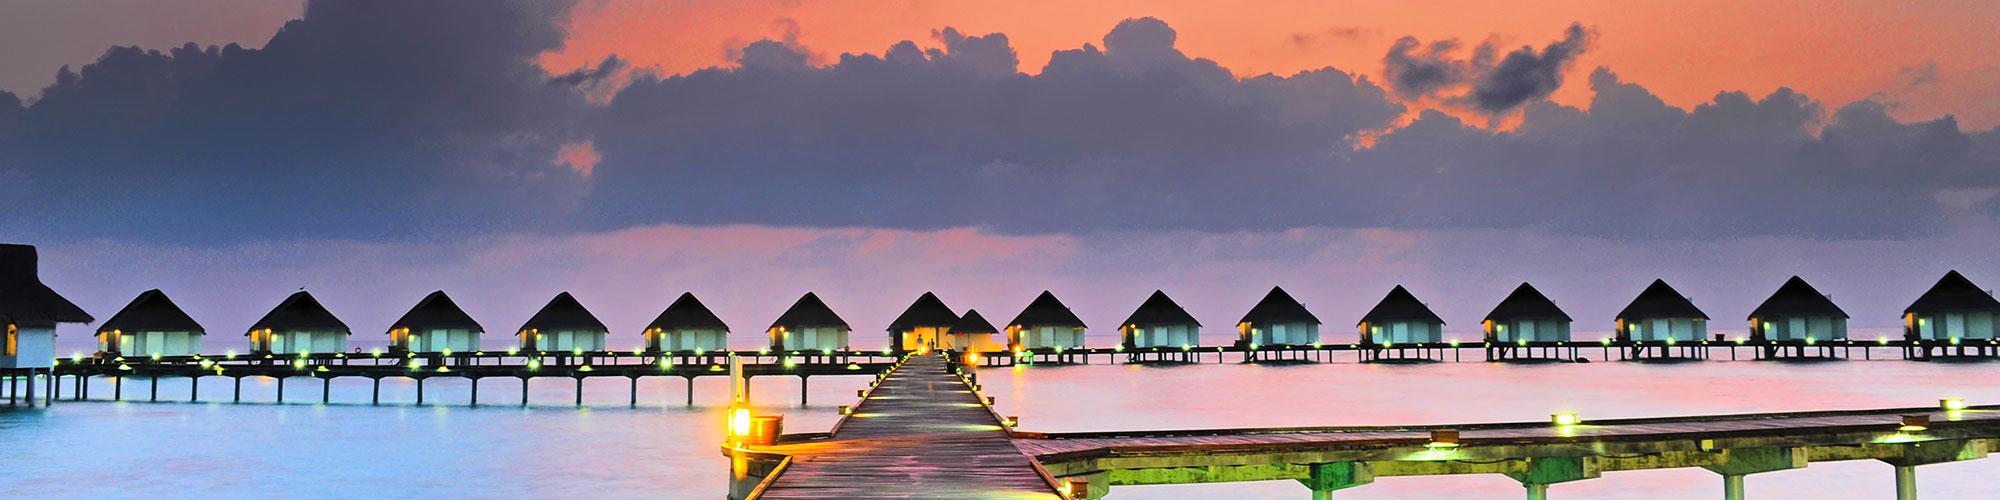 voyage de noce au Sri Lanka et aux Maldives